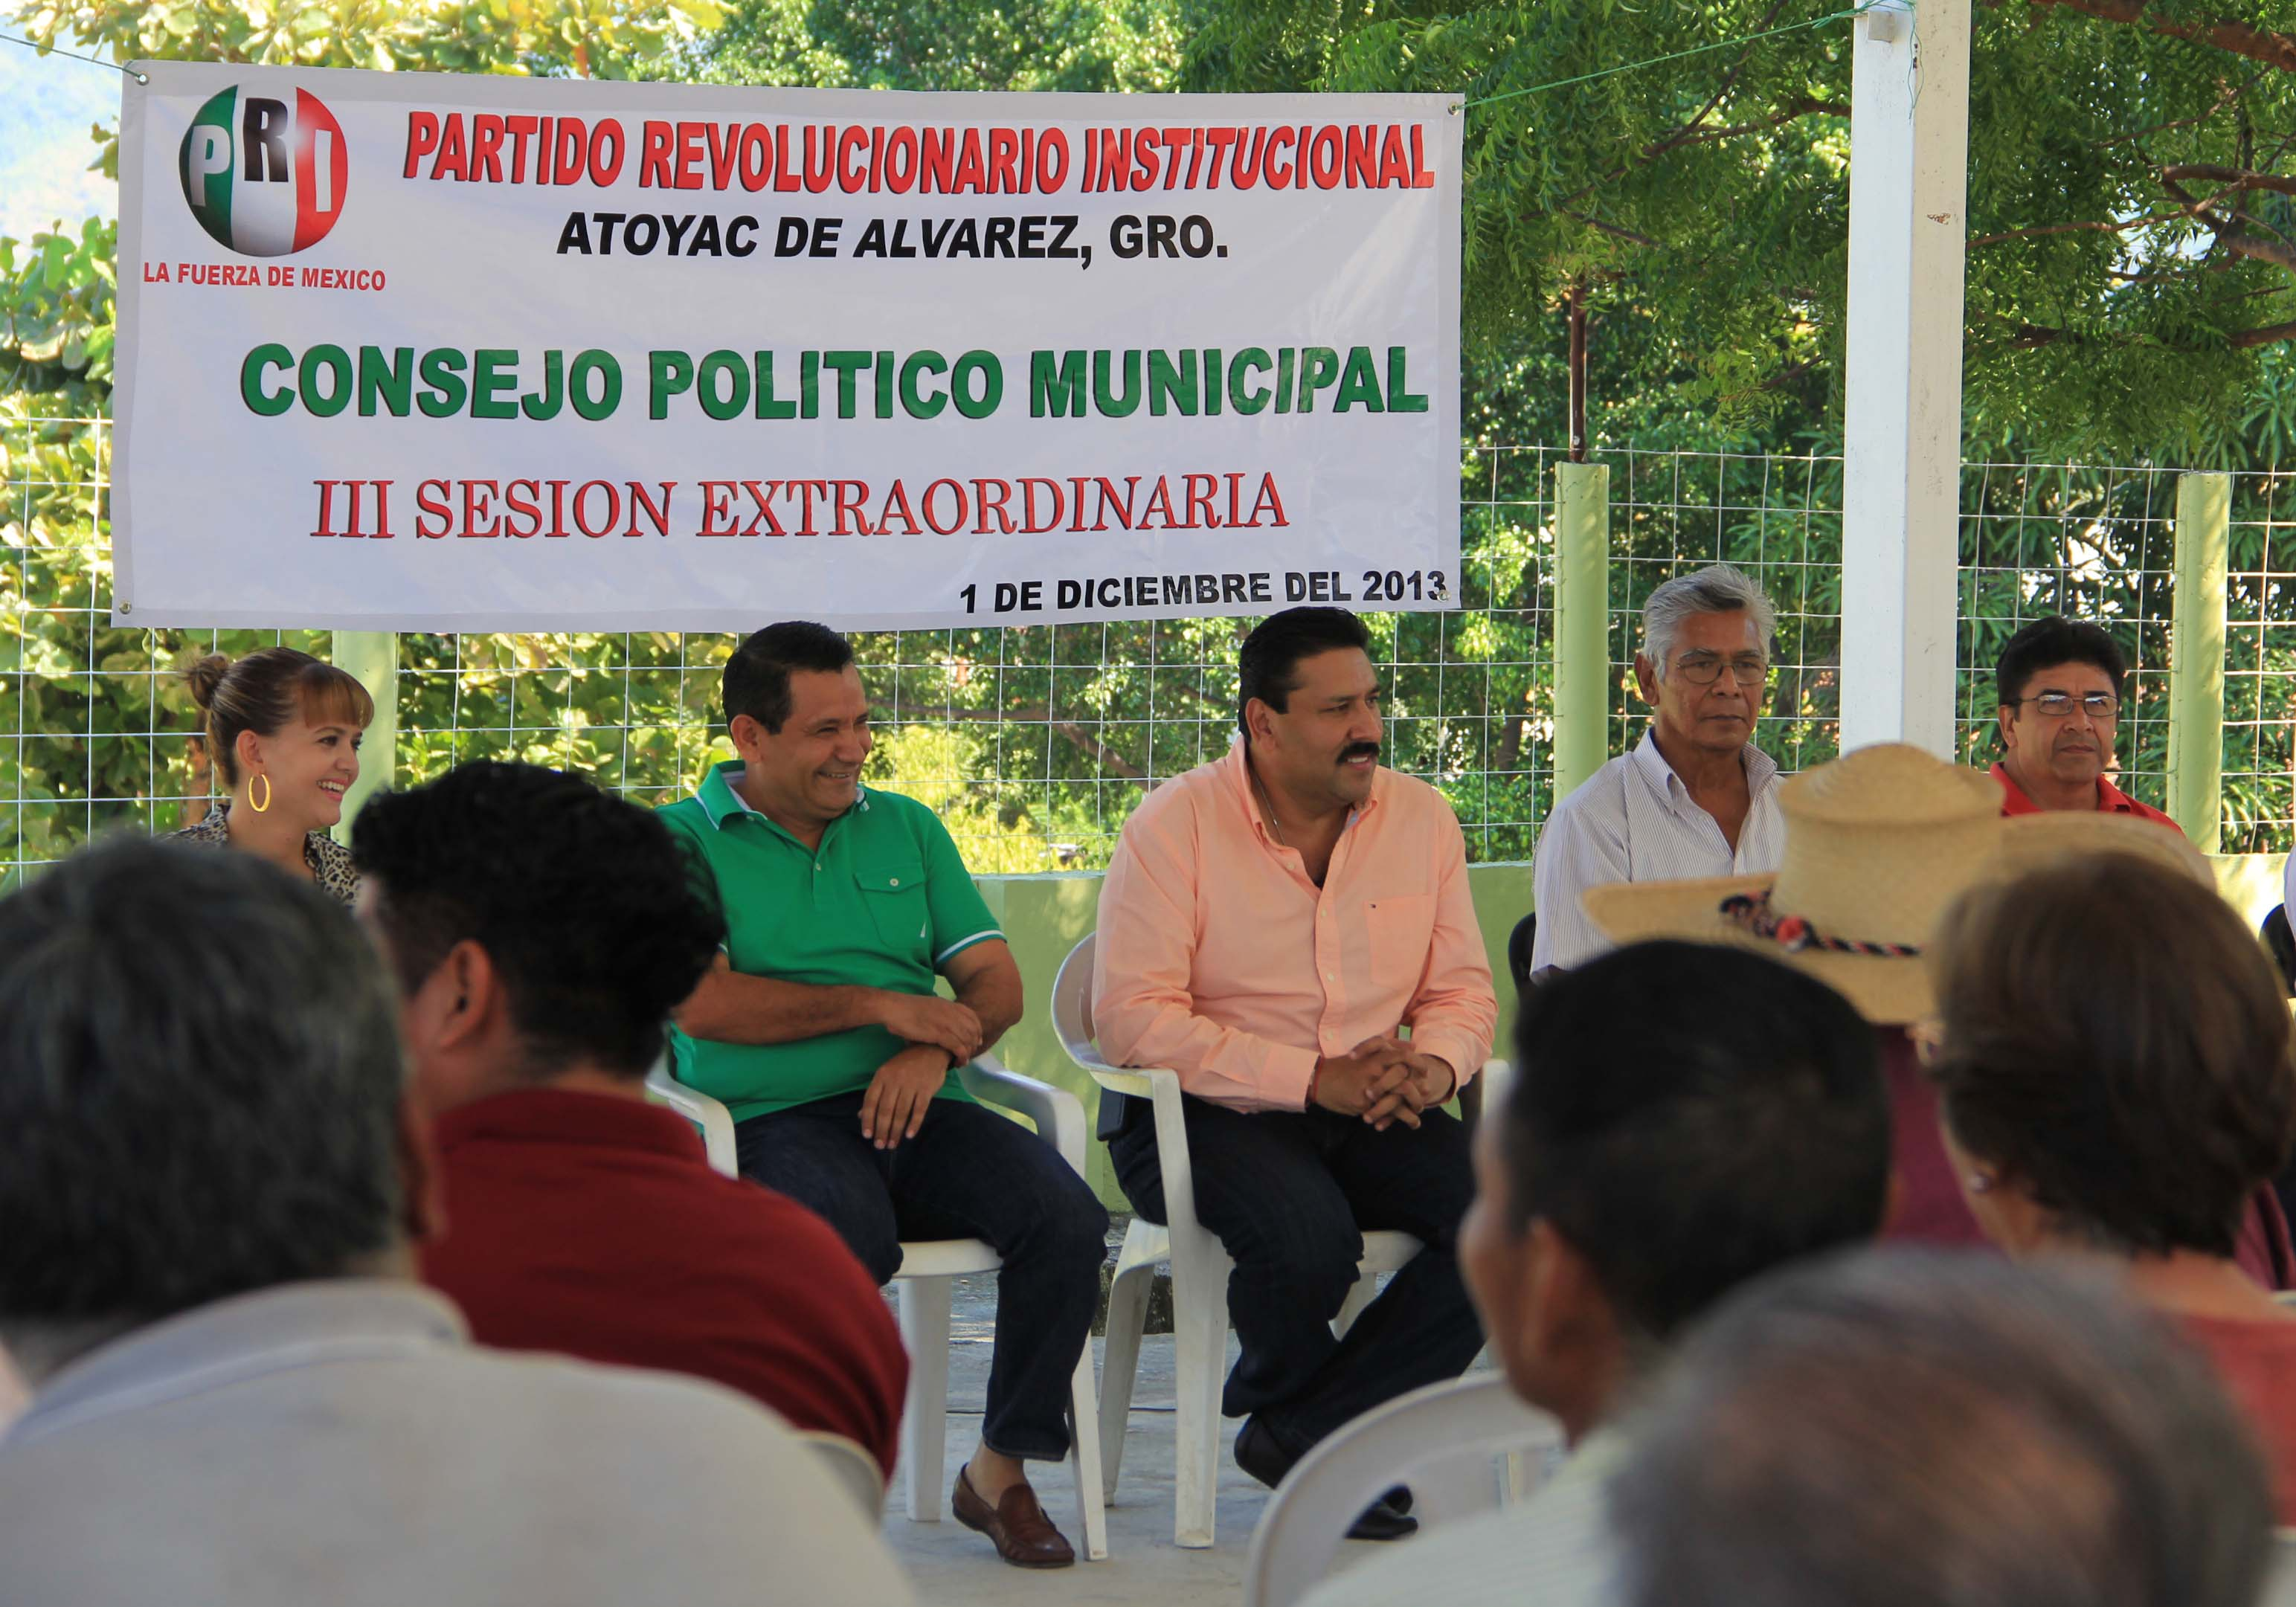 CUAUHTÉMOC SALGADO ROMERO, ENCABEZÓ LA REUNIÓN DEL CONSEJO POLÍTICO MUNICIPAL